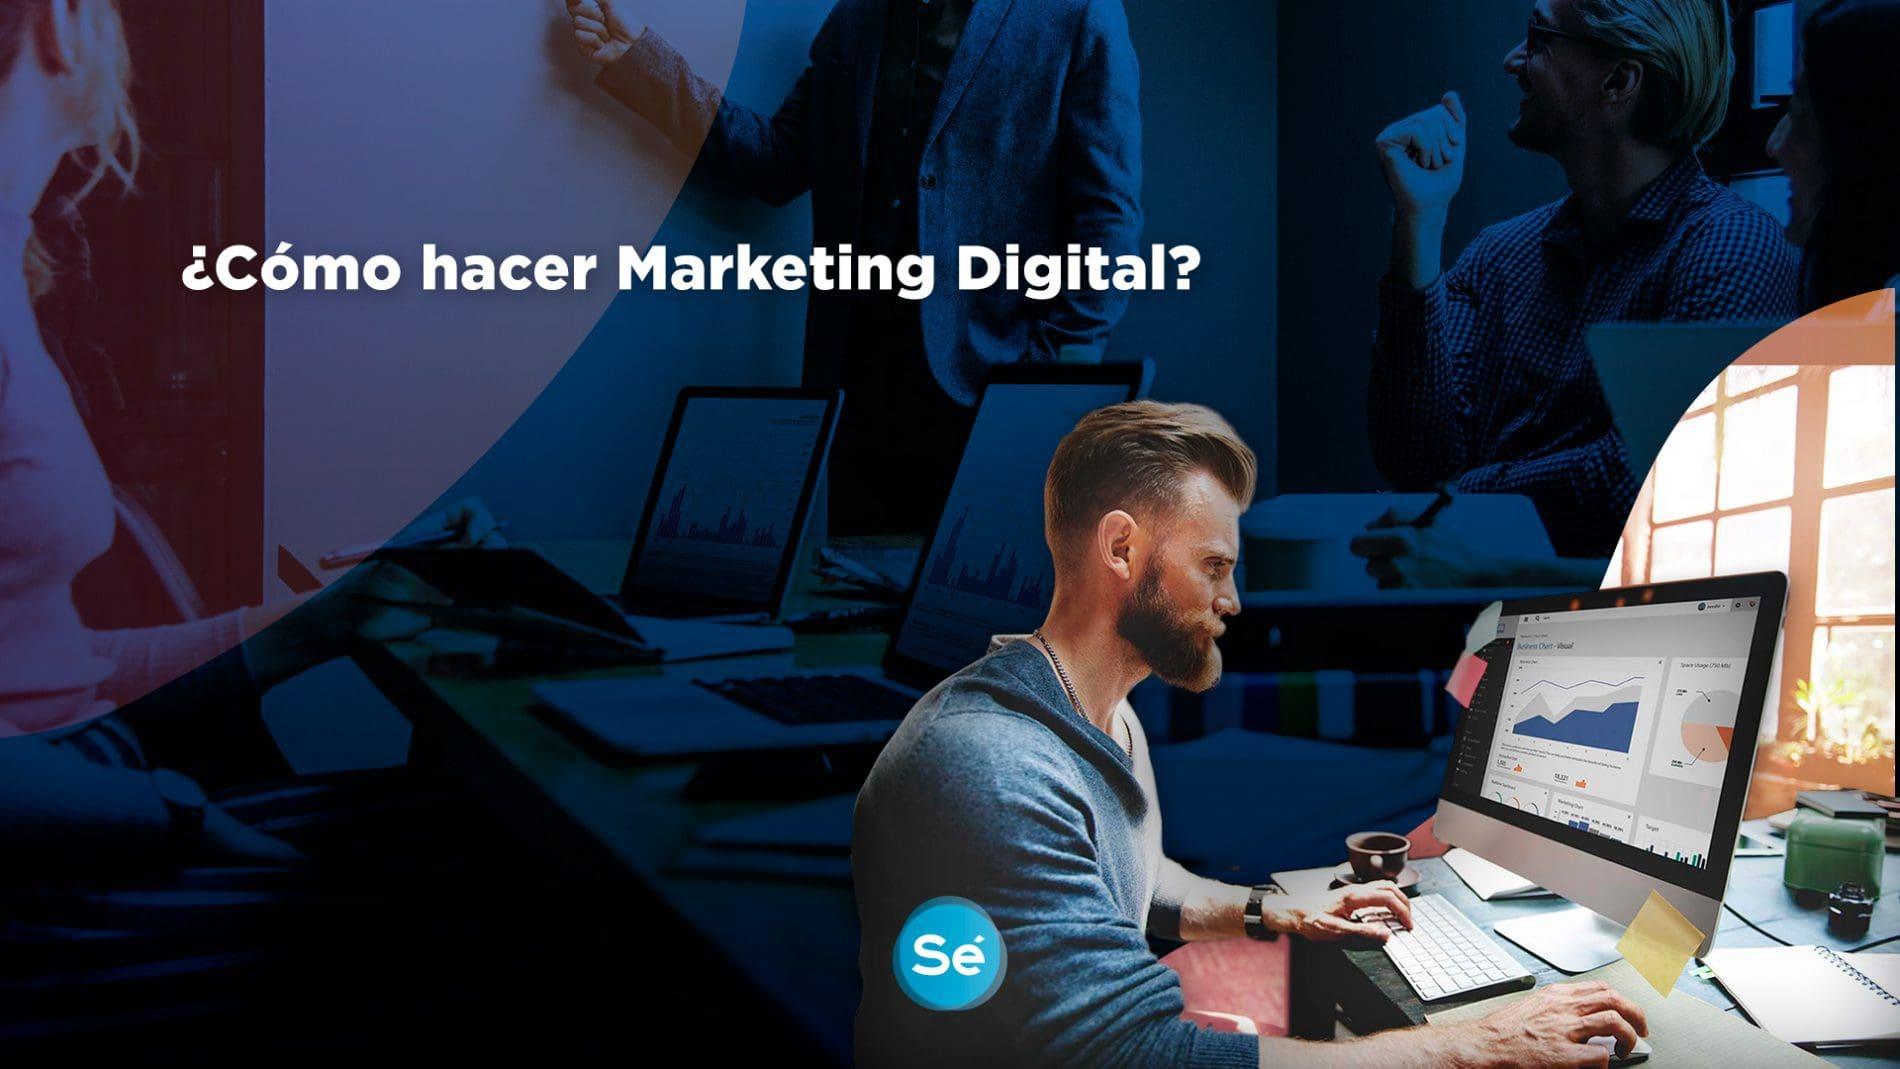 ¿Cómo hacer marketing digital? ¡Acá te decimos cómo!